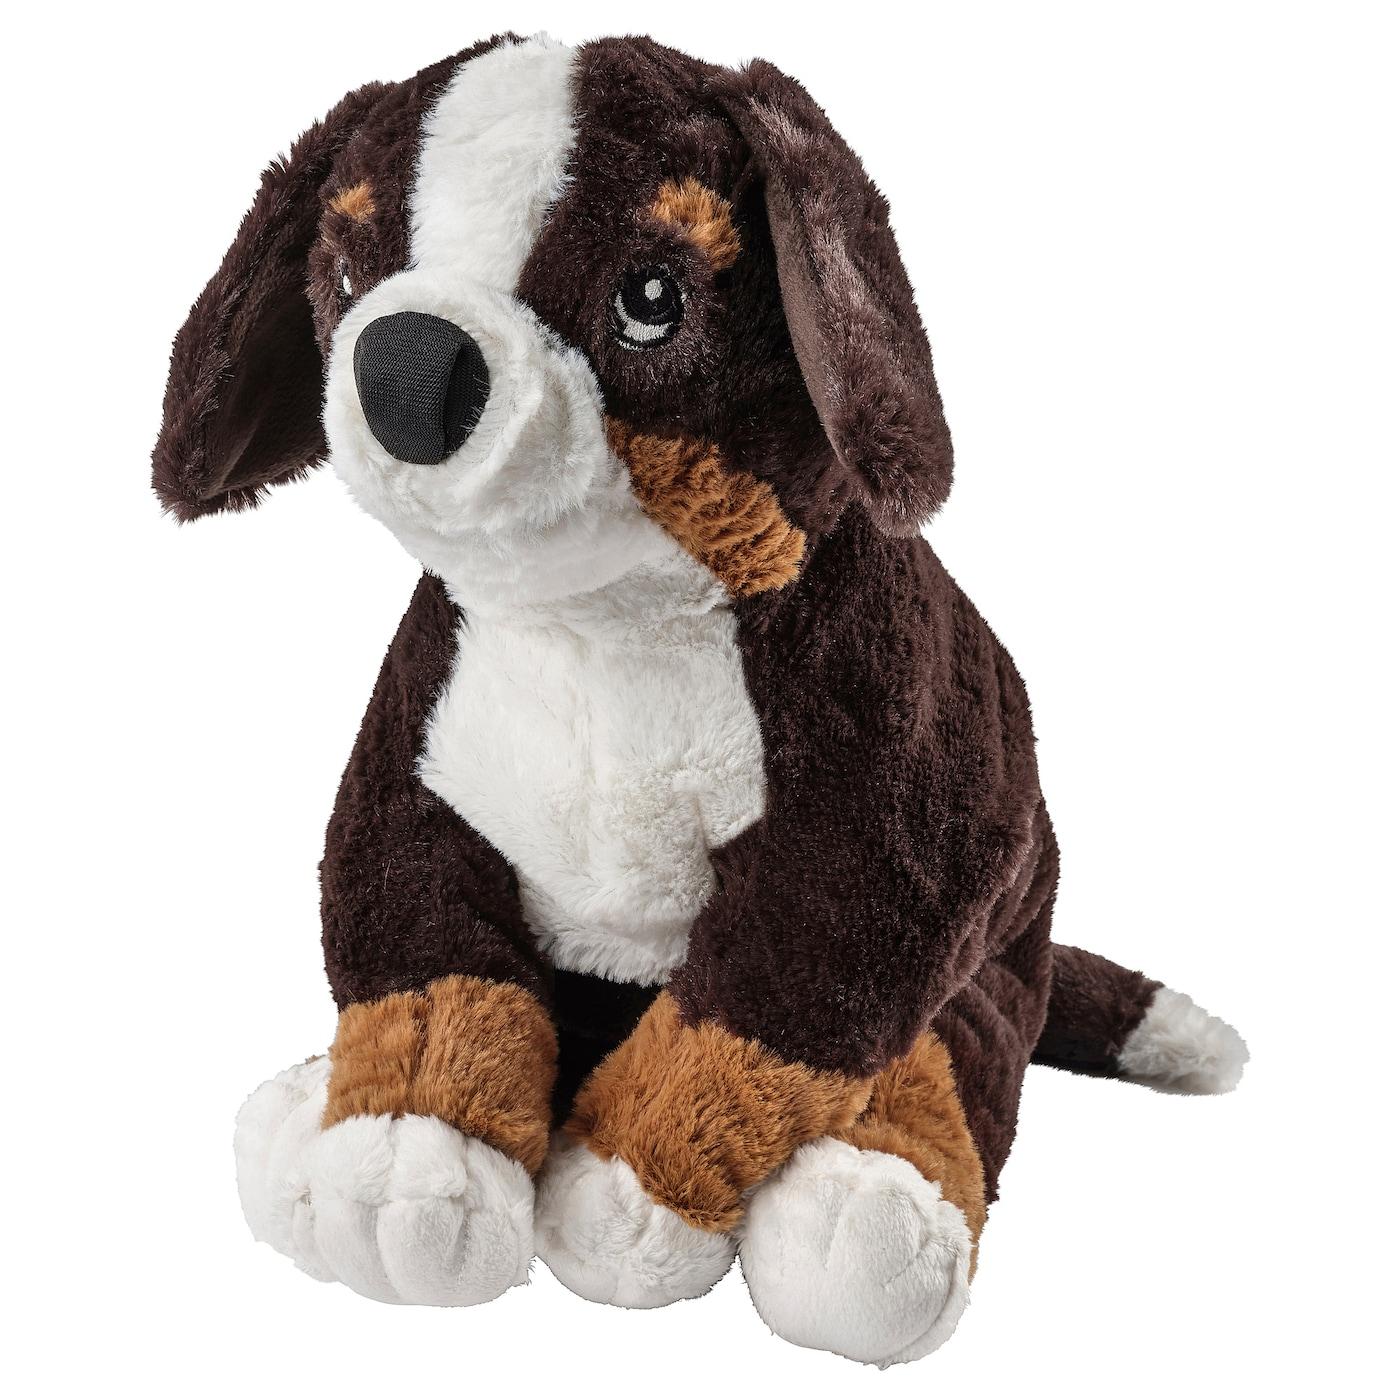 Hoppig Soft Toy Dog Bernese Mountain Dog White